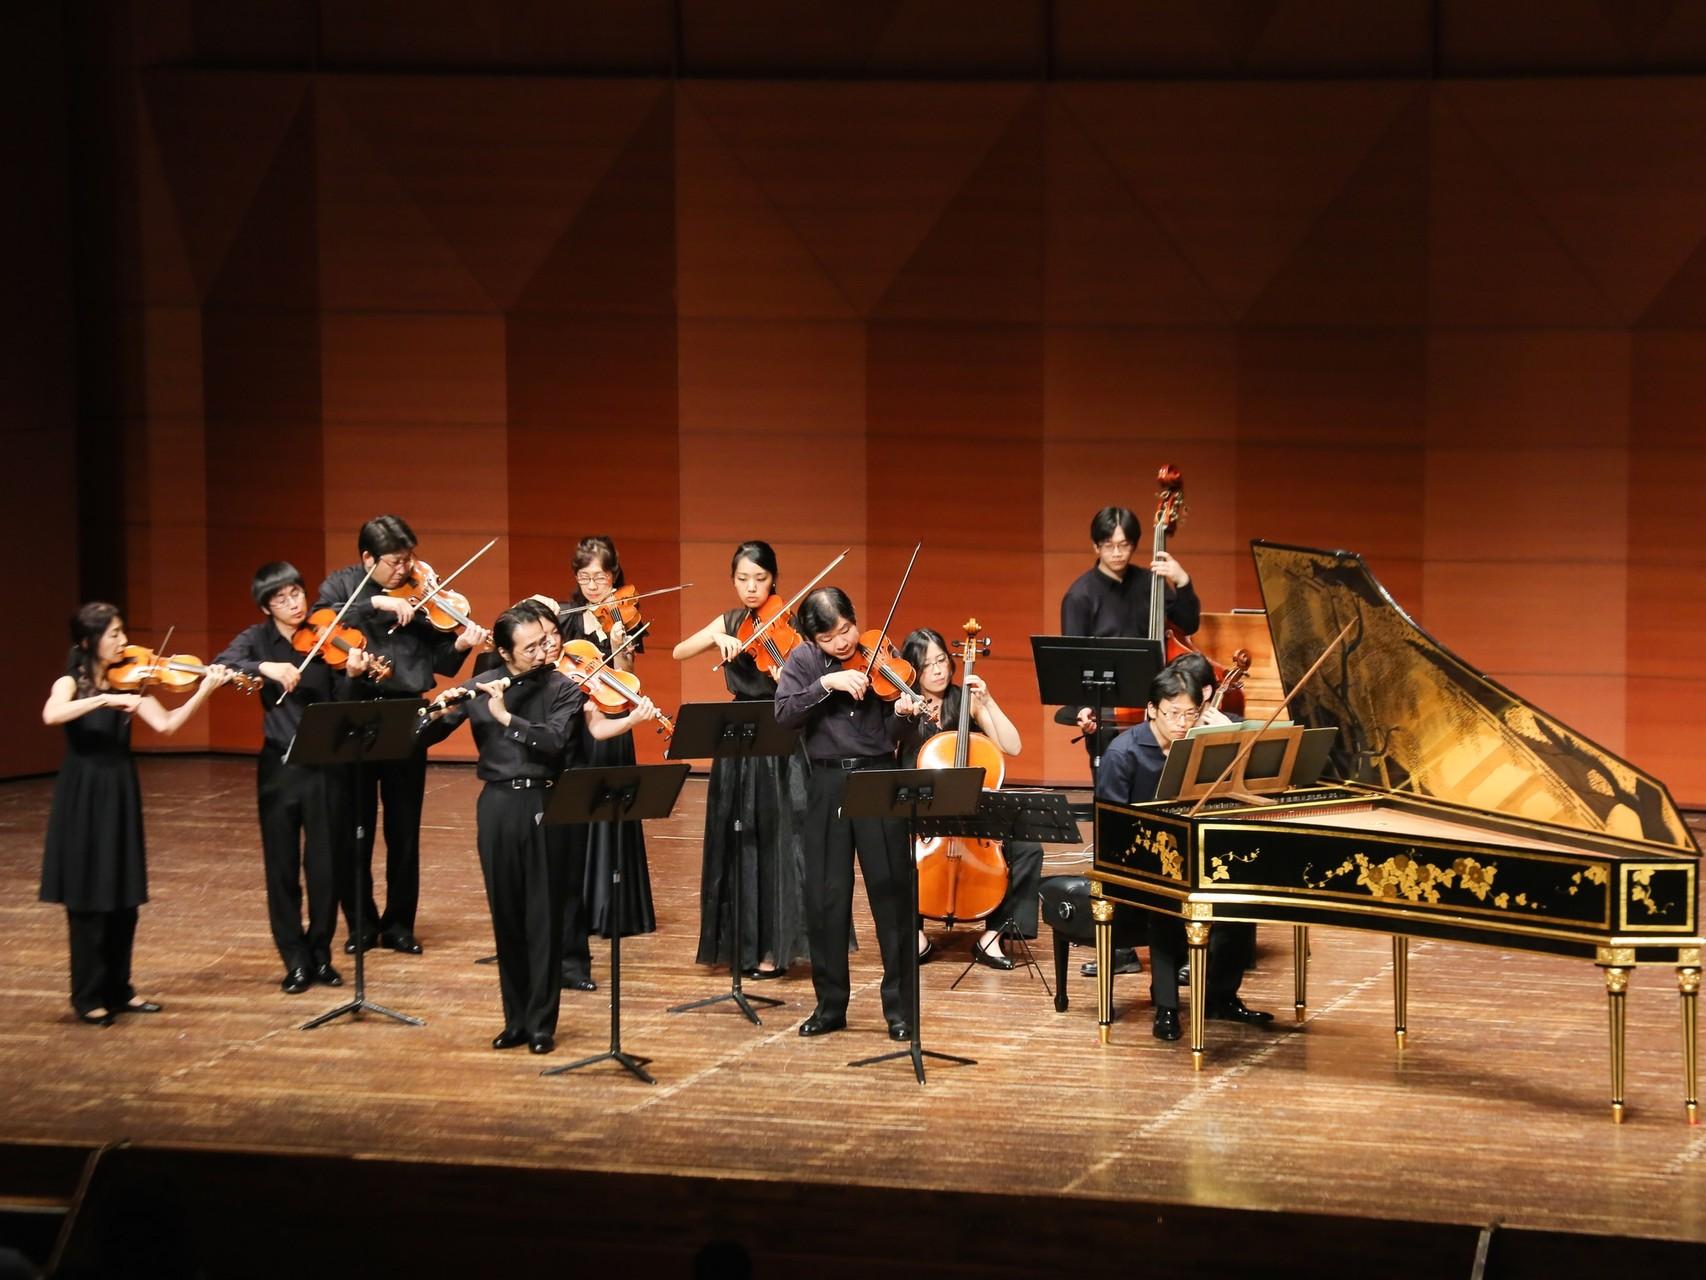 J.S.バッハ:フルートとヴァイオリンとチェンバロのための協奏曲 イ短調 BWV 1044